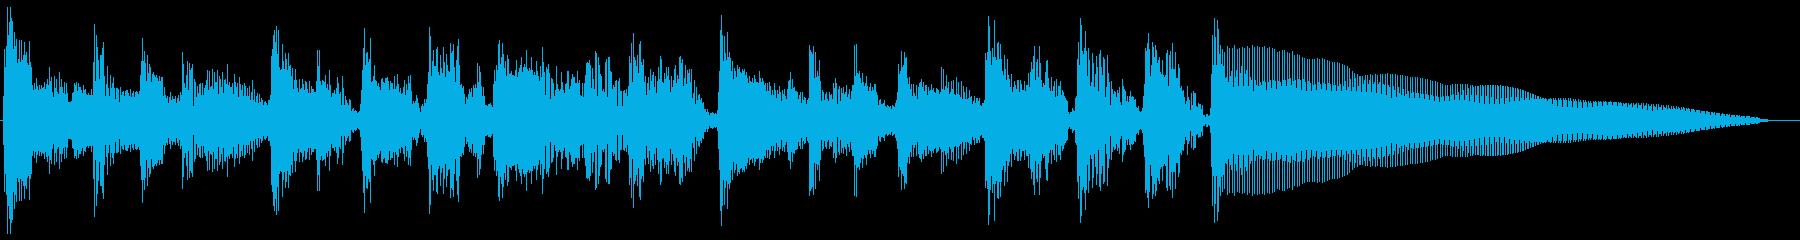 バーナードセグ1、ギター、ベース、ドラムの再生済みの波形